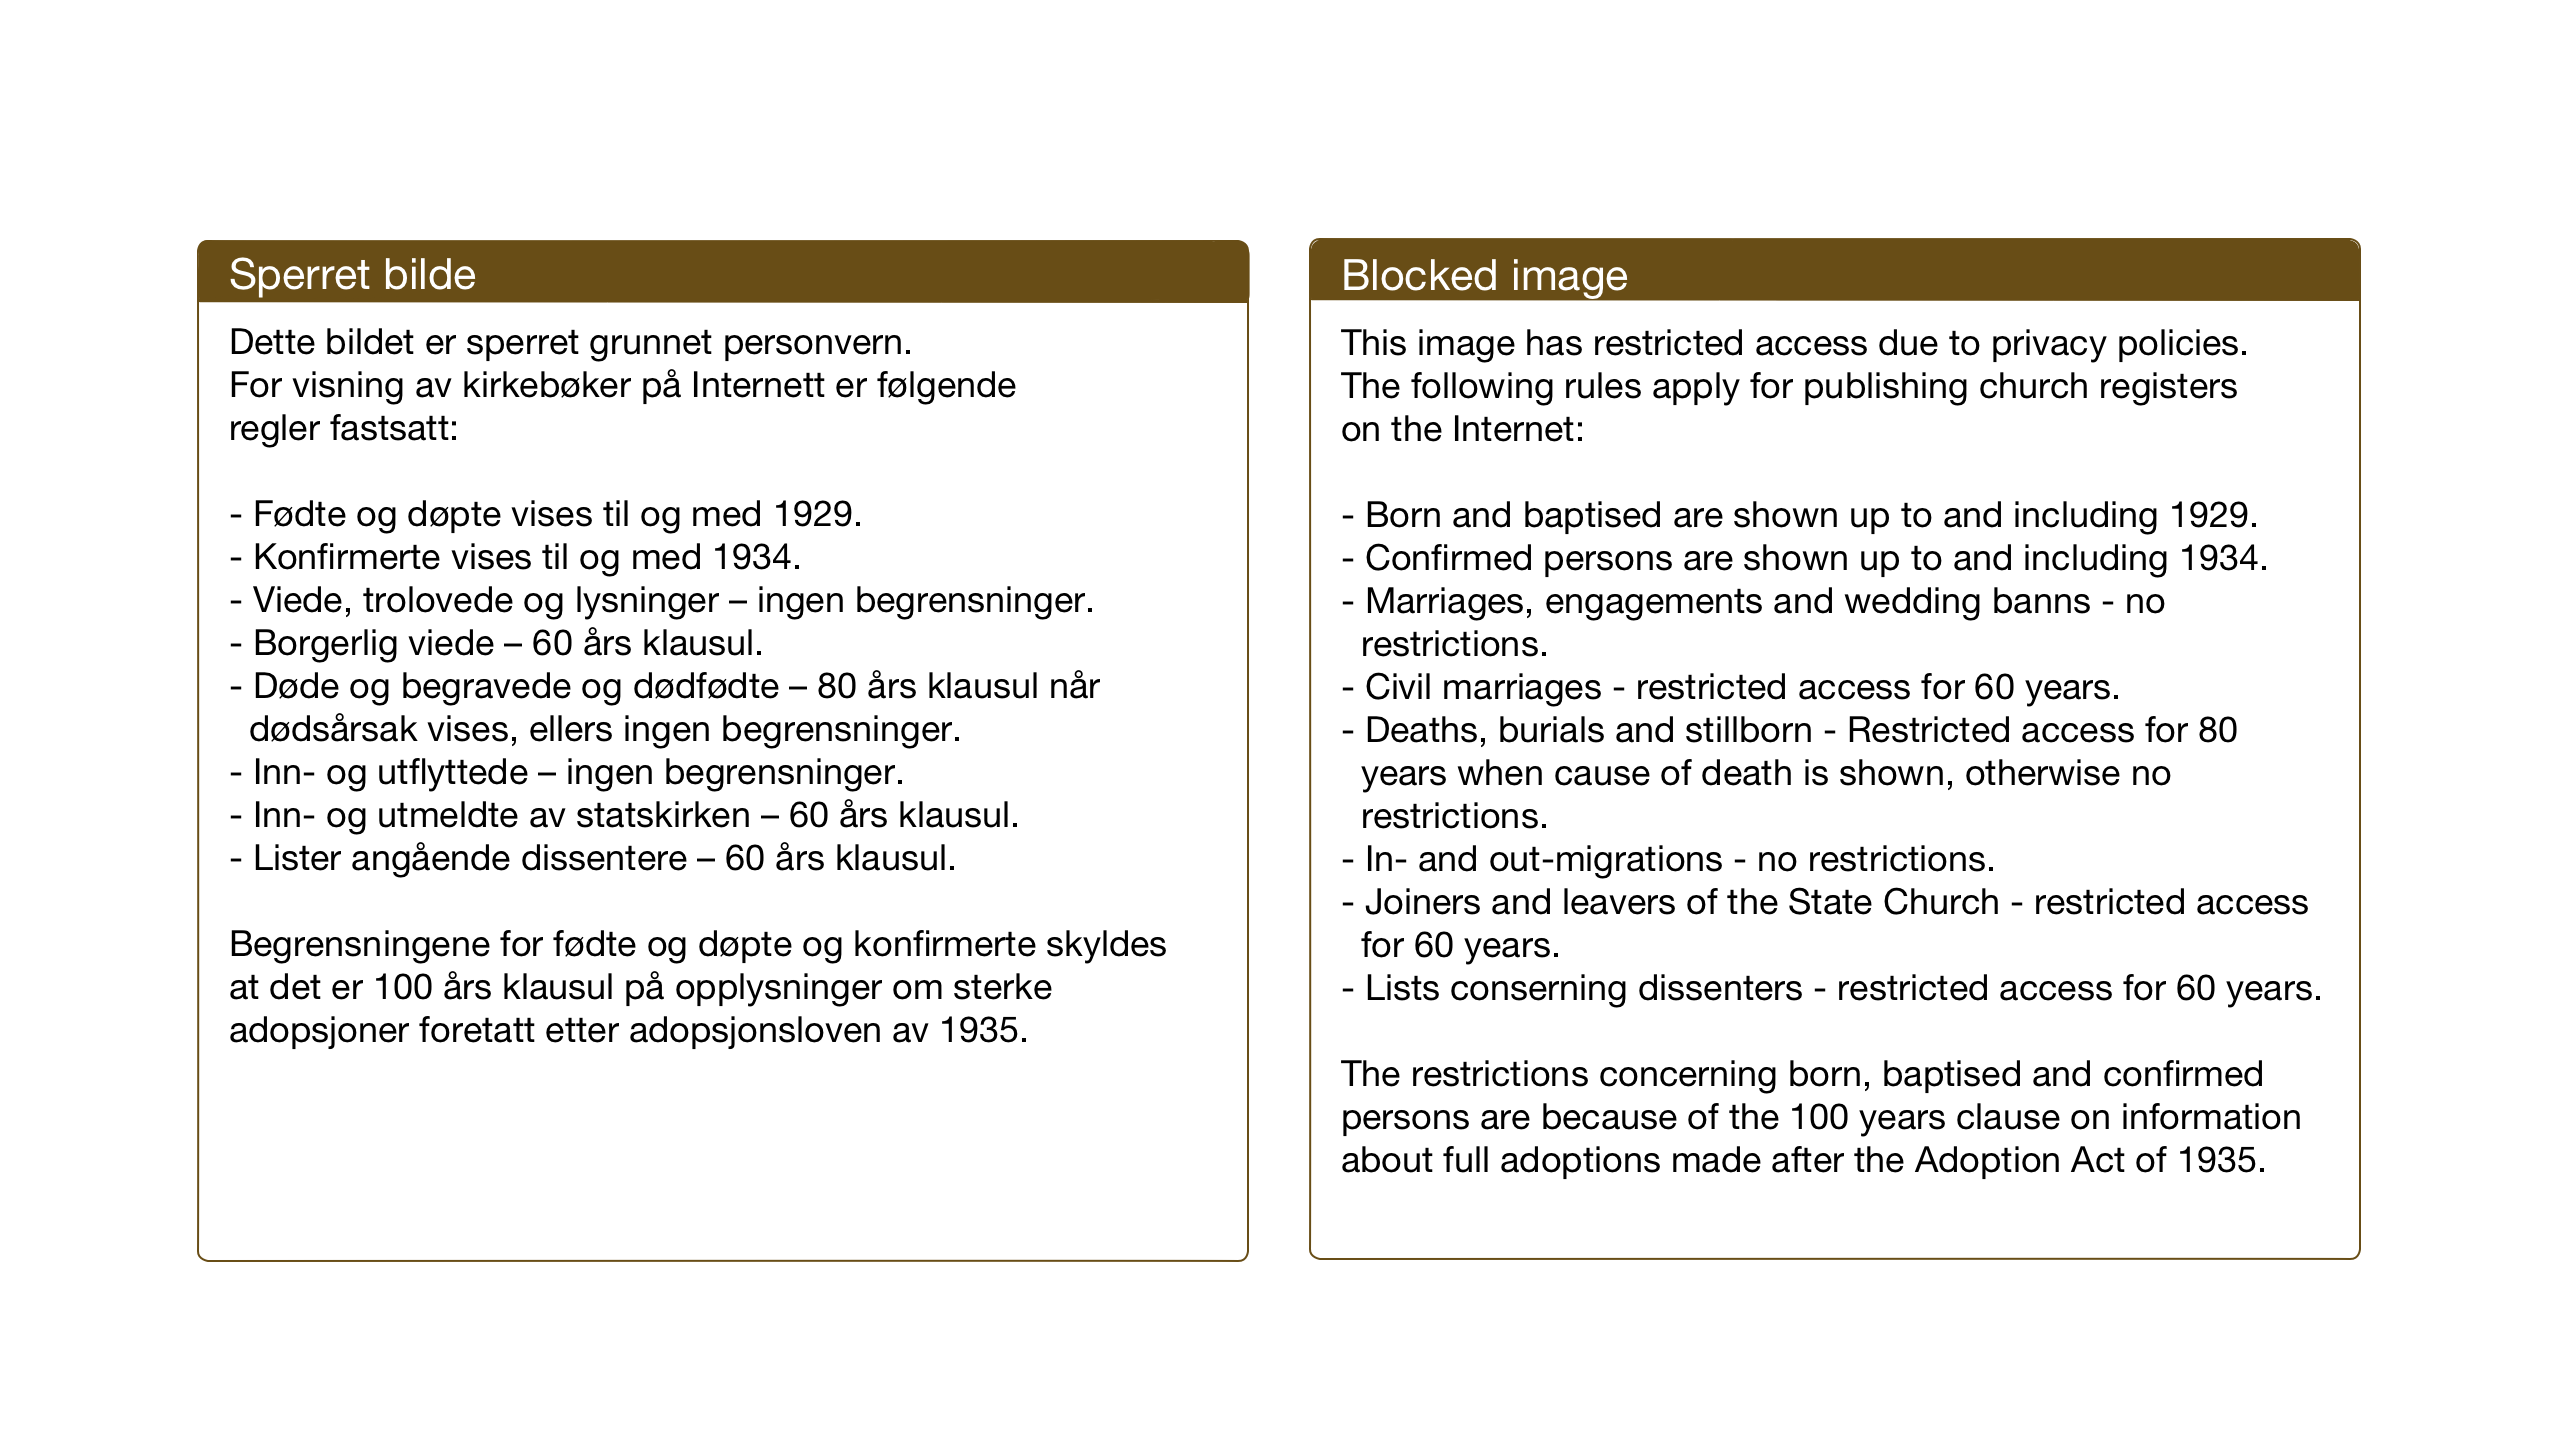 SAT, Ministerialprotokoller, klokkerbøker og fødselsregistre - Sør-Trøndelag, 611/L0356: Klokkerbok nr. 611C04, 1914-1938, s. 70